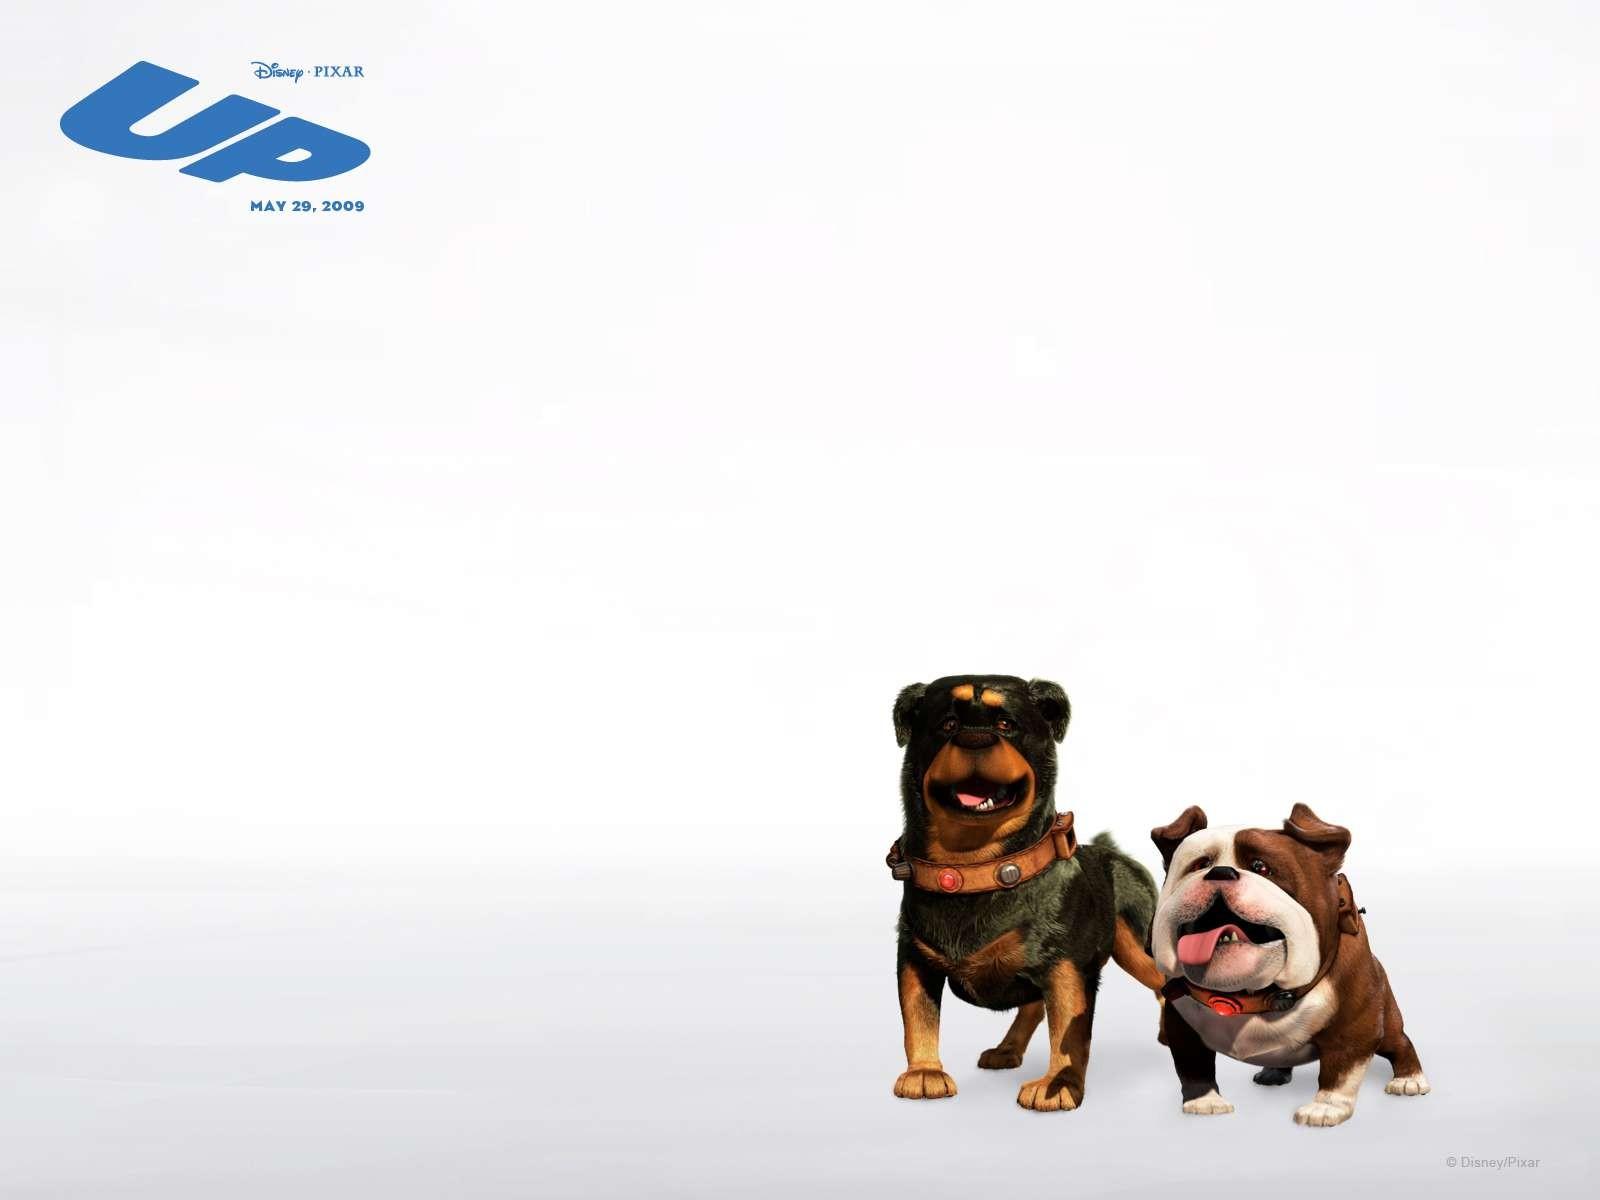 Un wallpaper del film d'animazione Up